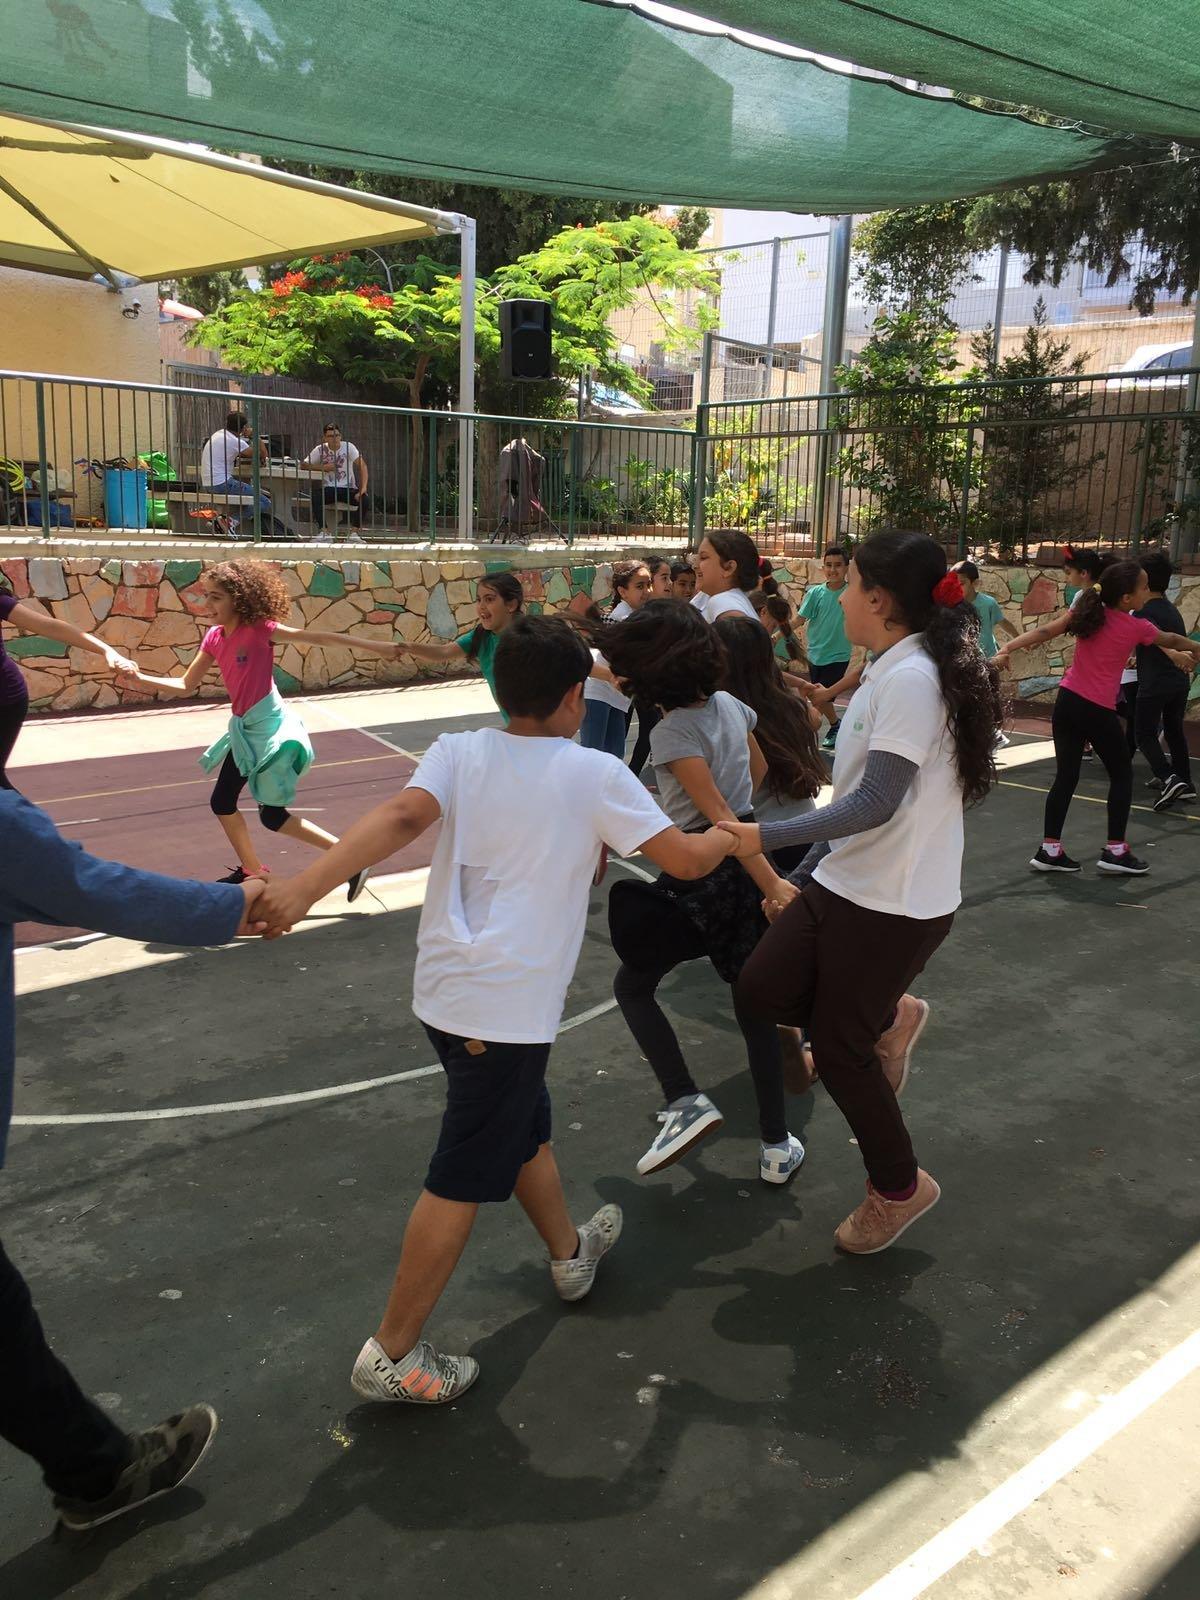 389،54 طالبًا من جهاز التعليم في حيفا ينهون العام الدراسي ويبدءون إجازتهم الصيفية